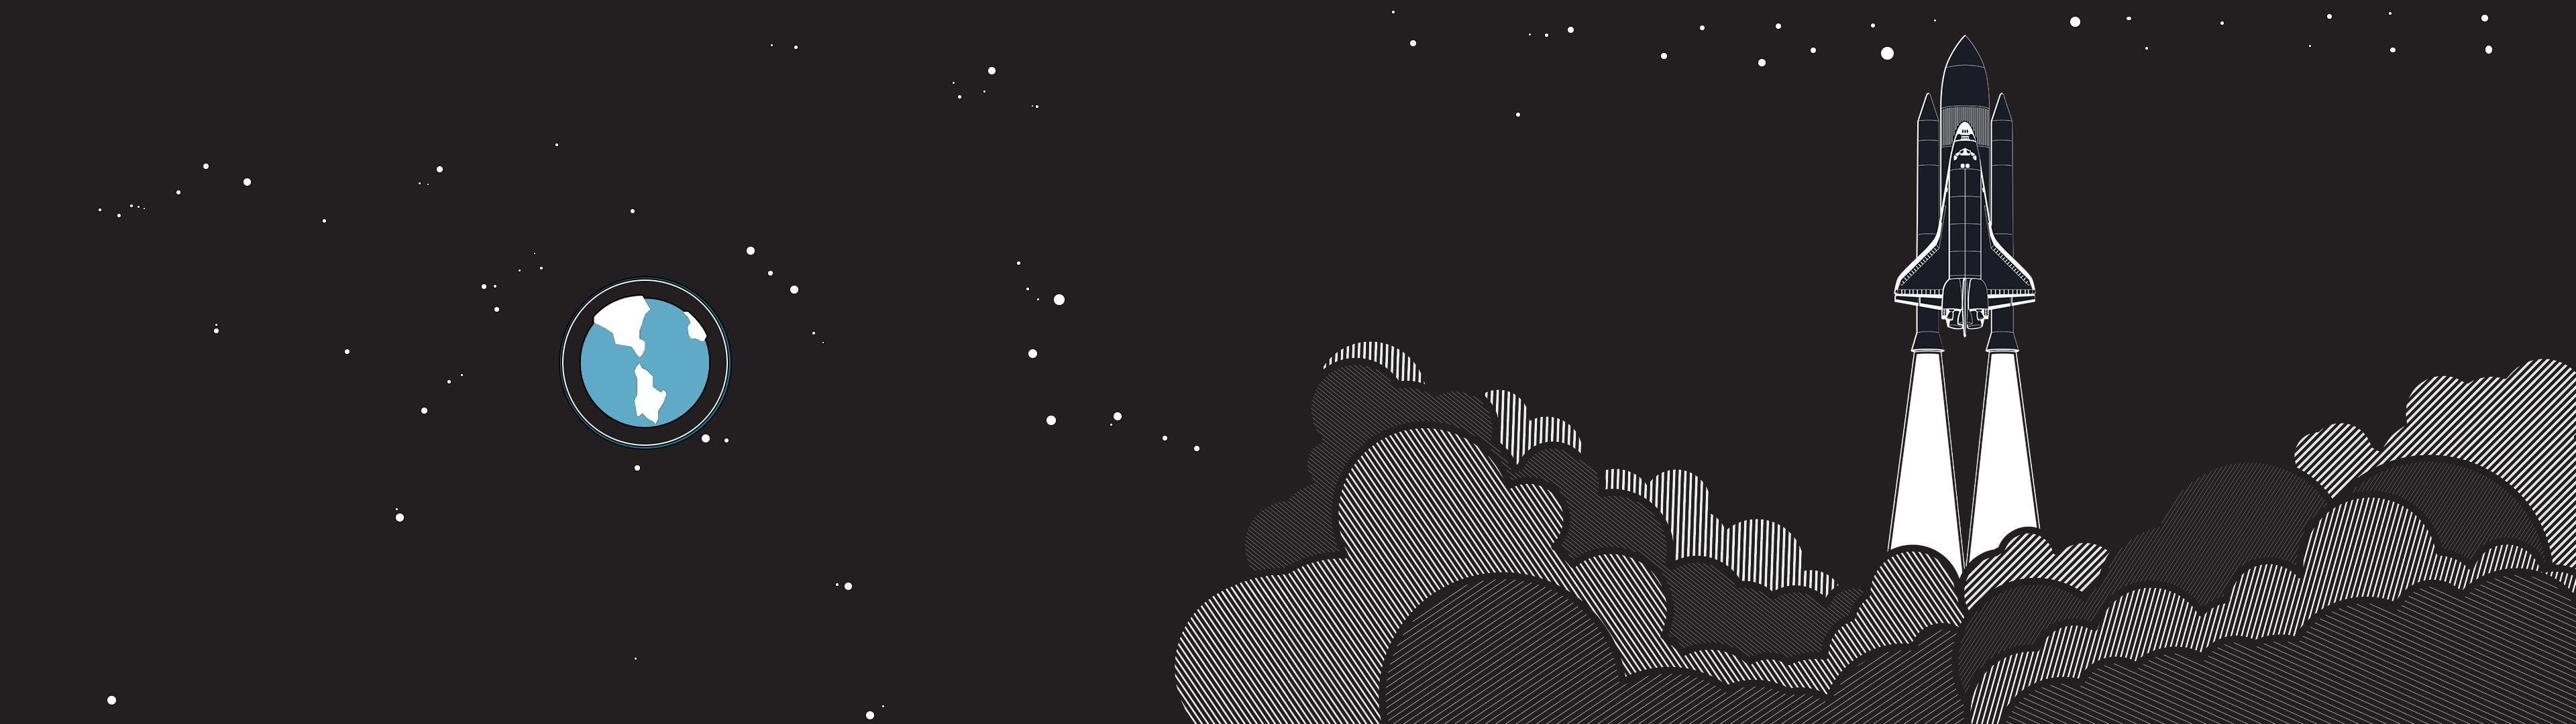 Minimalist Space [3840×1080] …